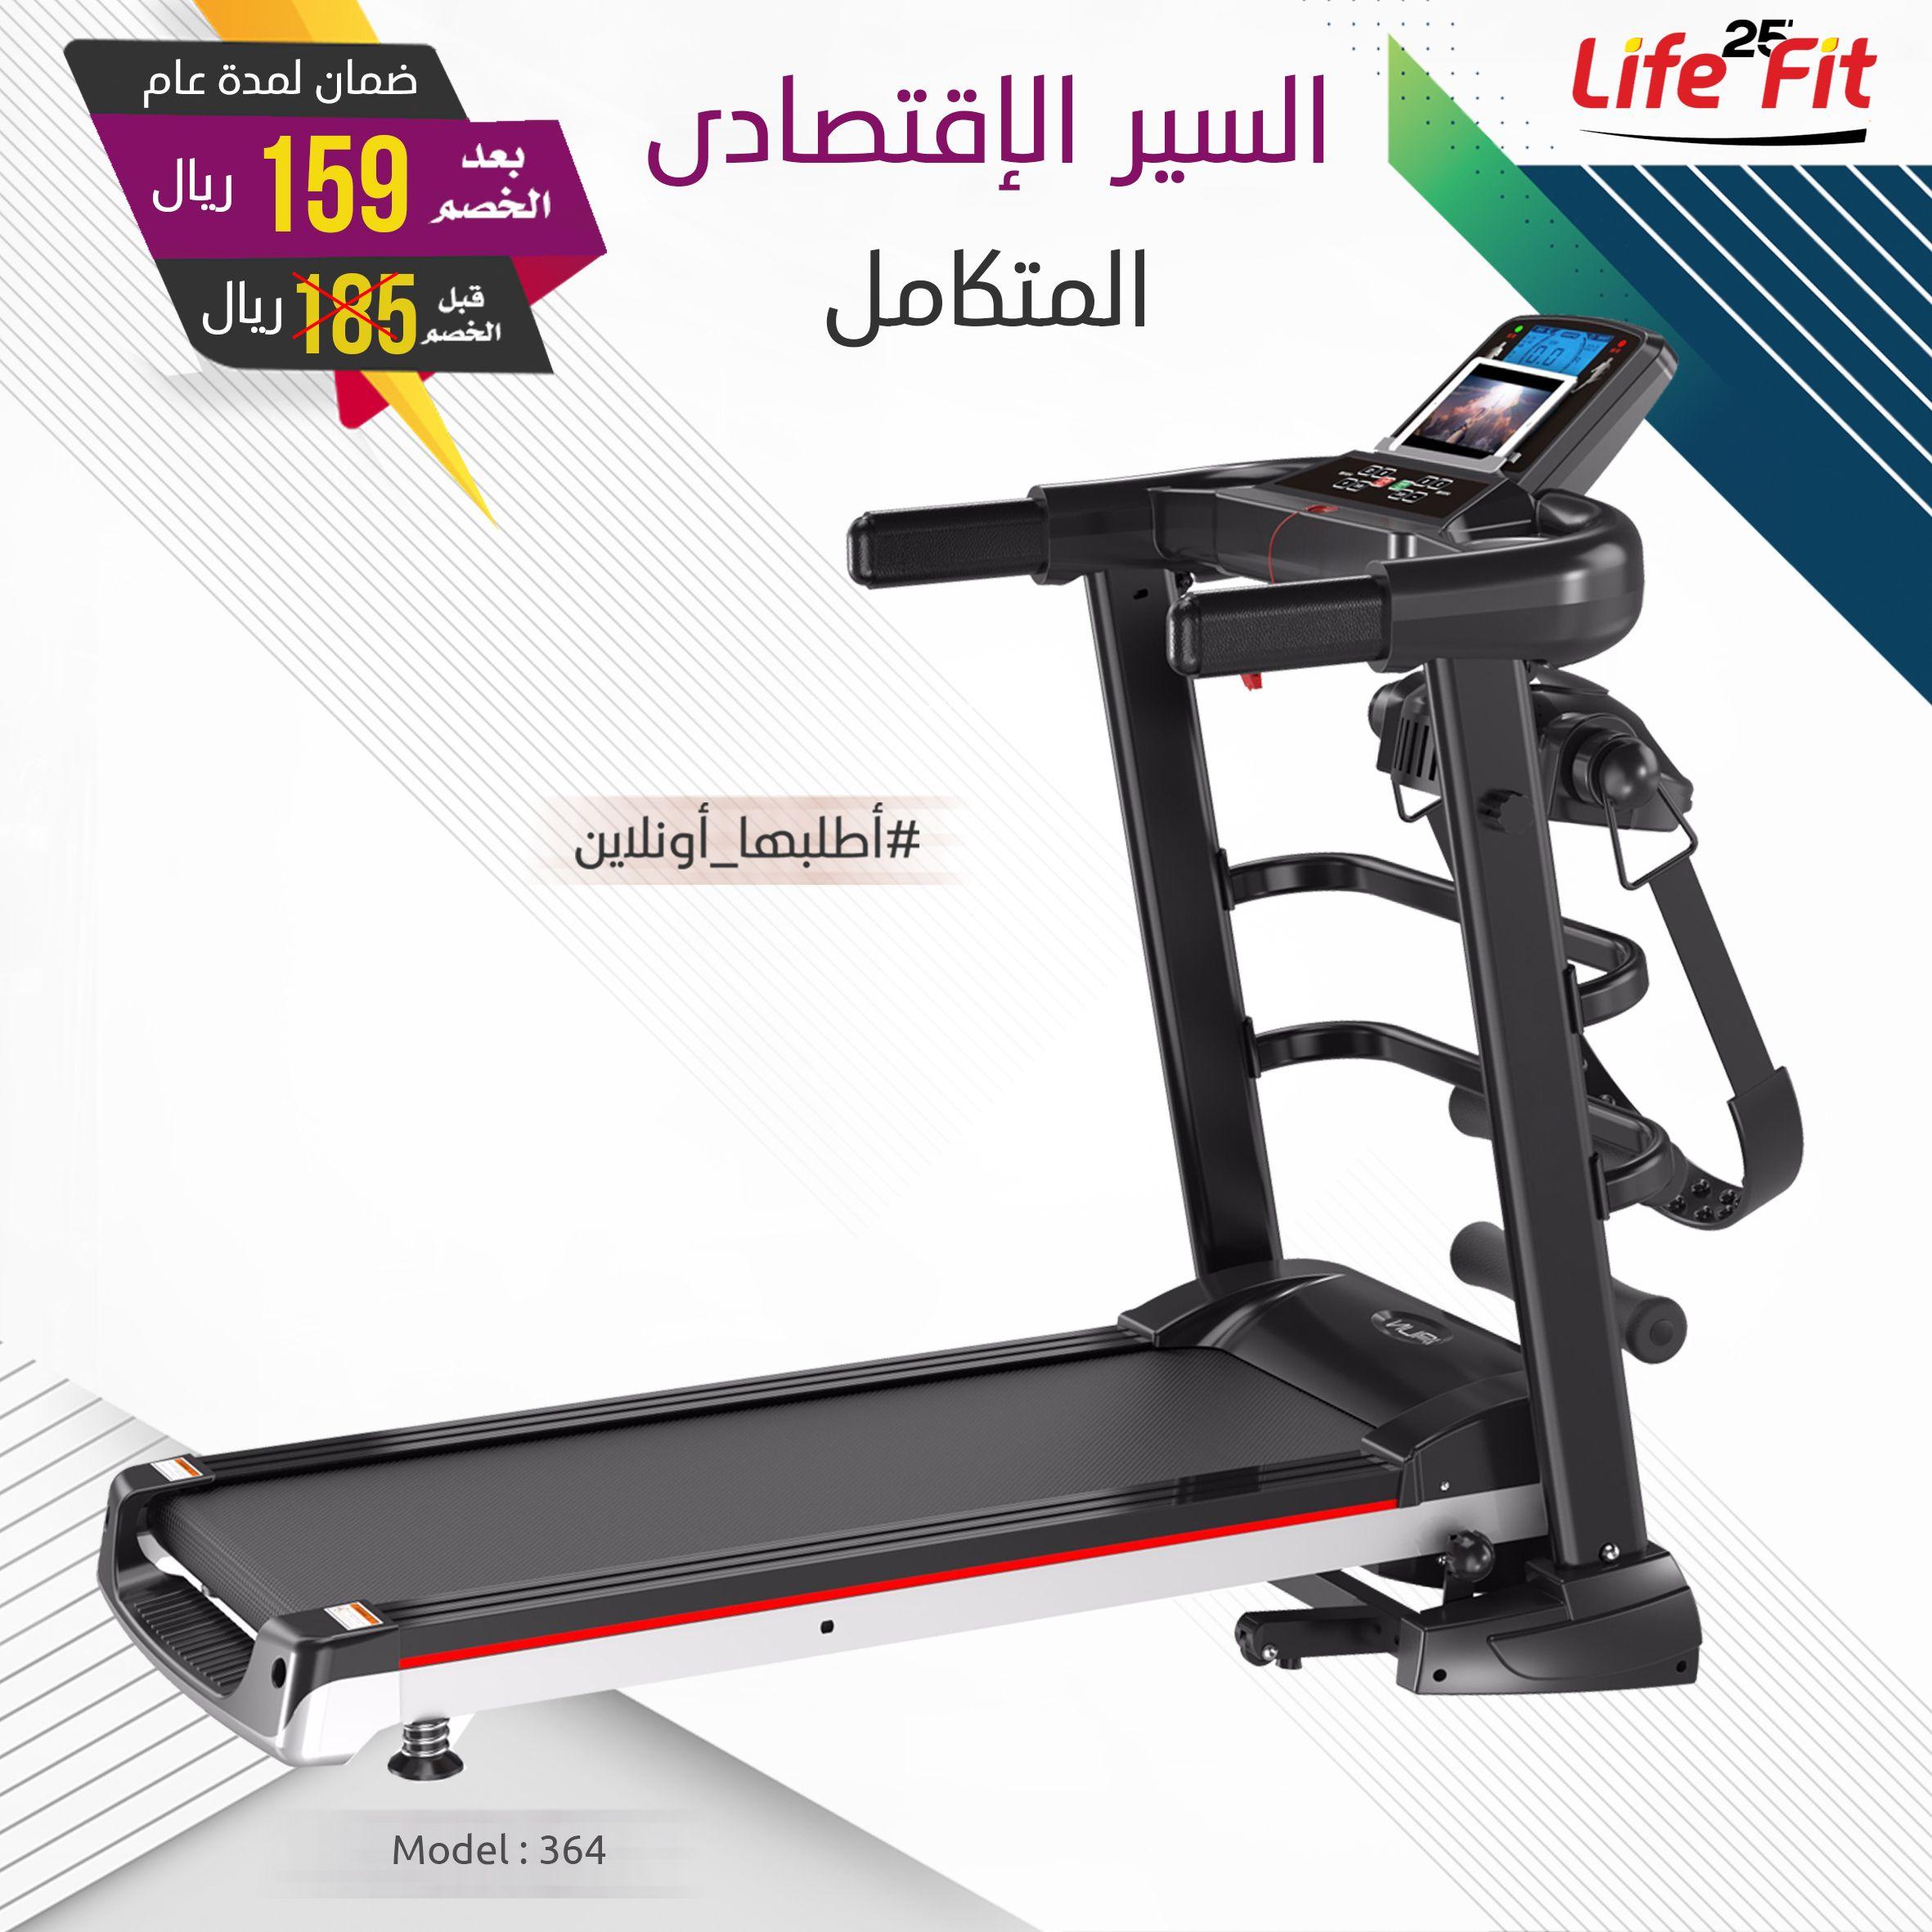 الان من اولمبيا السير الإقتصادية المتكامل من اولمبيا بإصدار خاص لايف ٢٥ فيت بقيمة خاصة جدا ١٥٩ ريال عماني قوة ٢ حصان يتح Sultanate Of Oman Gym Gym Equipment